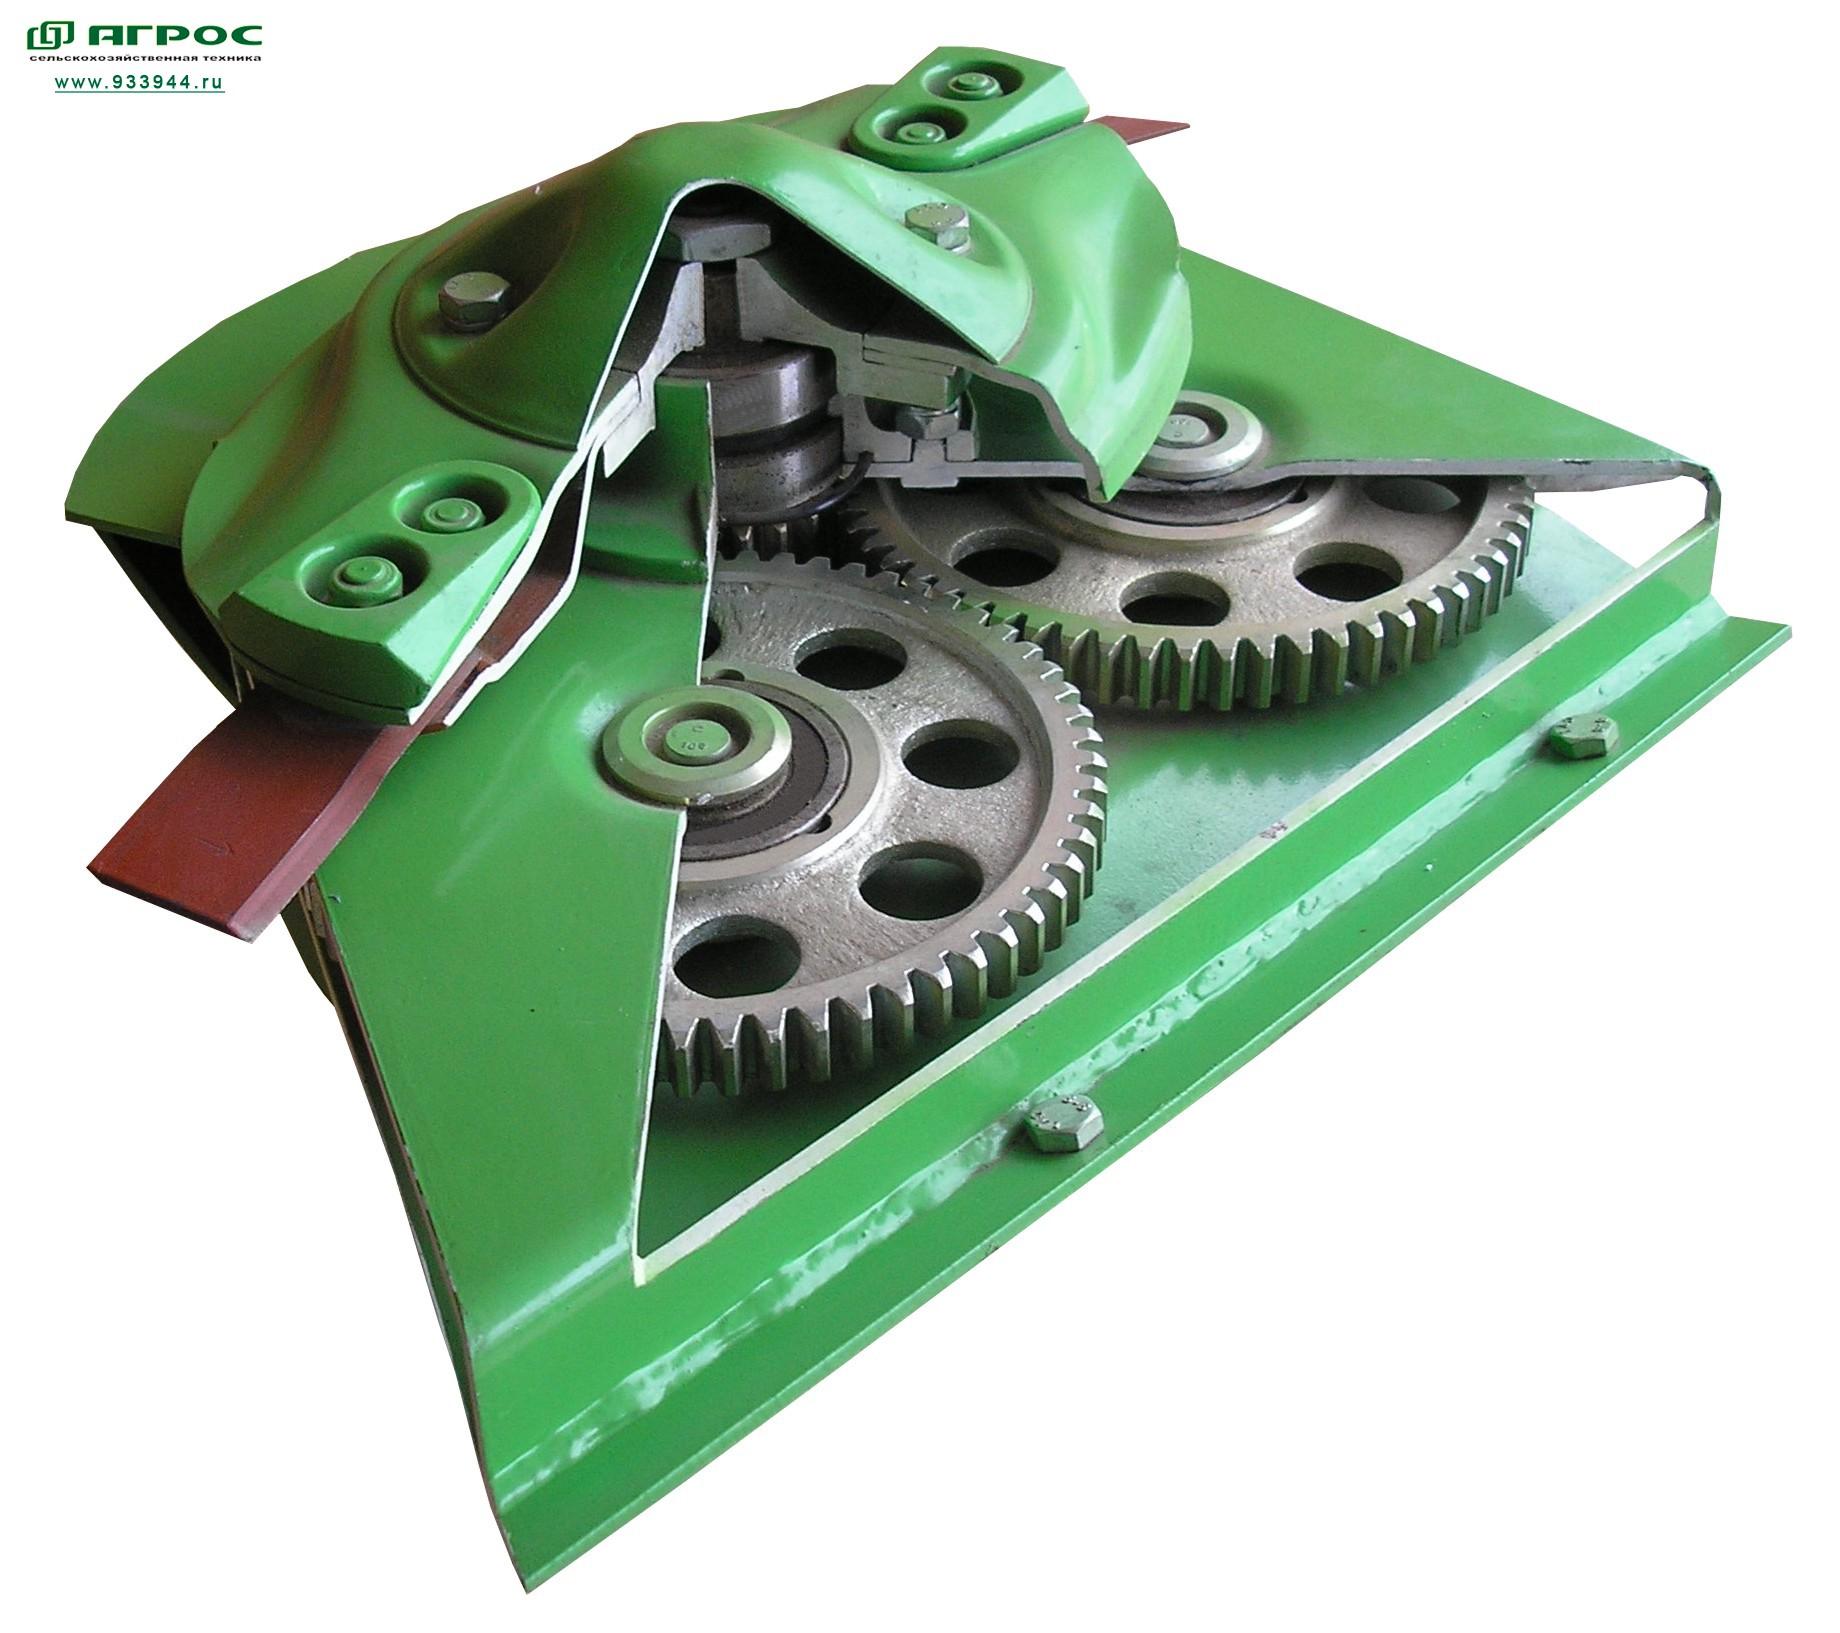 Купить Косилка роторная КРН 2.1: цена, описание и.